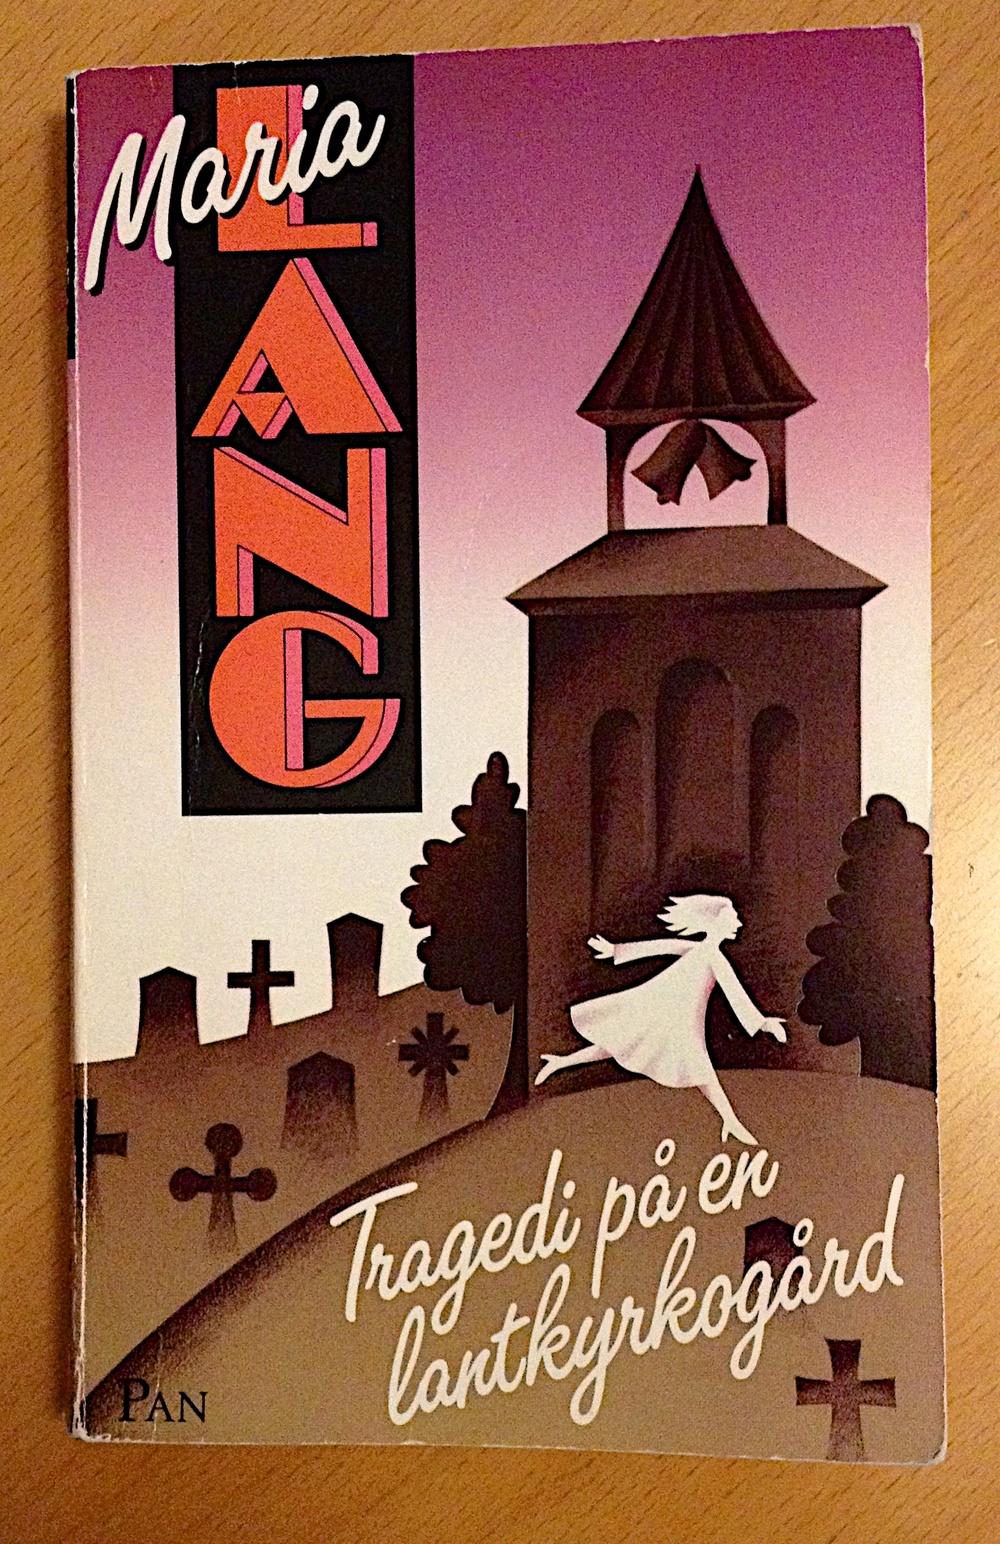 Tragedi på en lantkyrkogård av Maria Lang